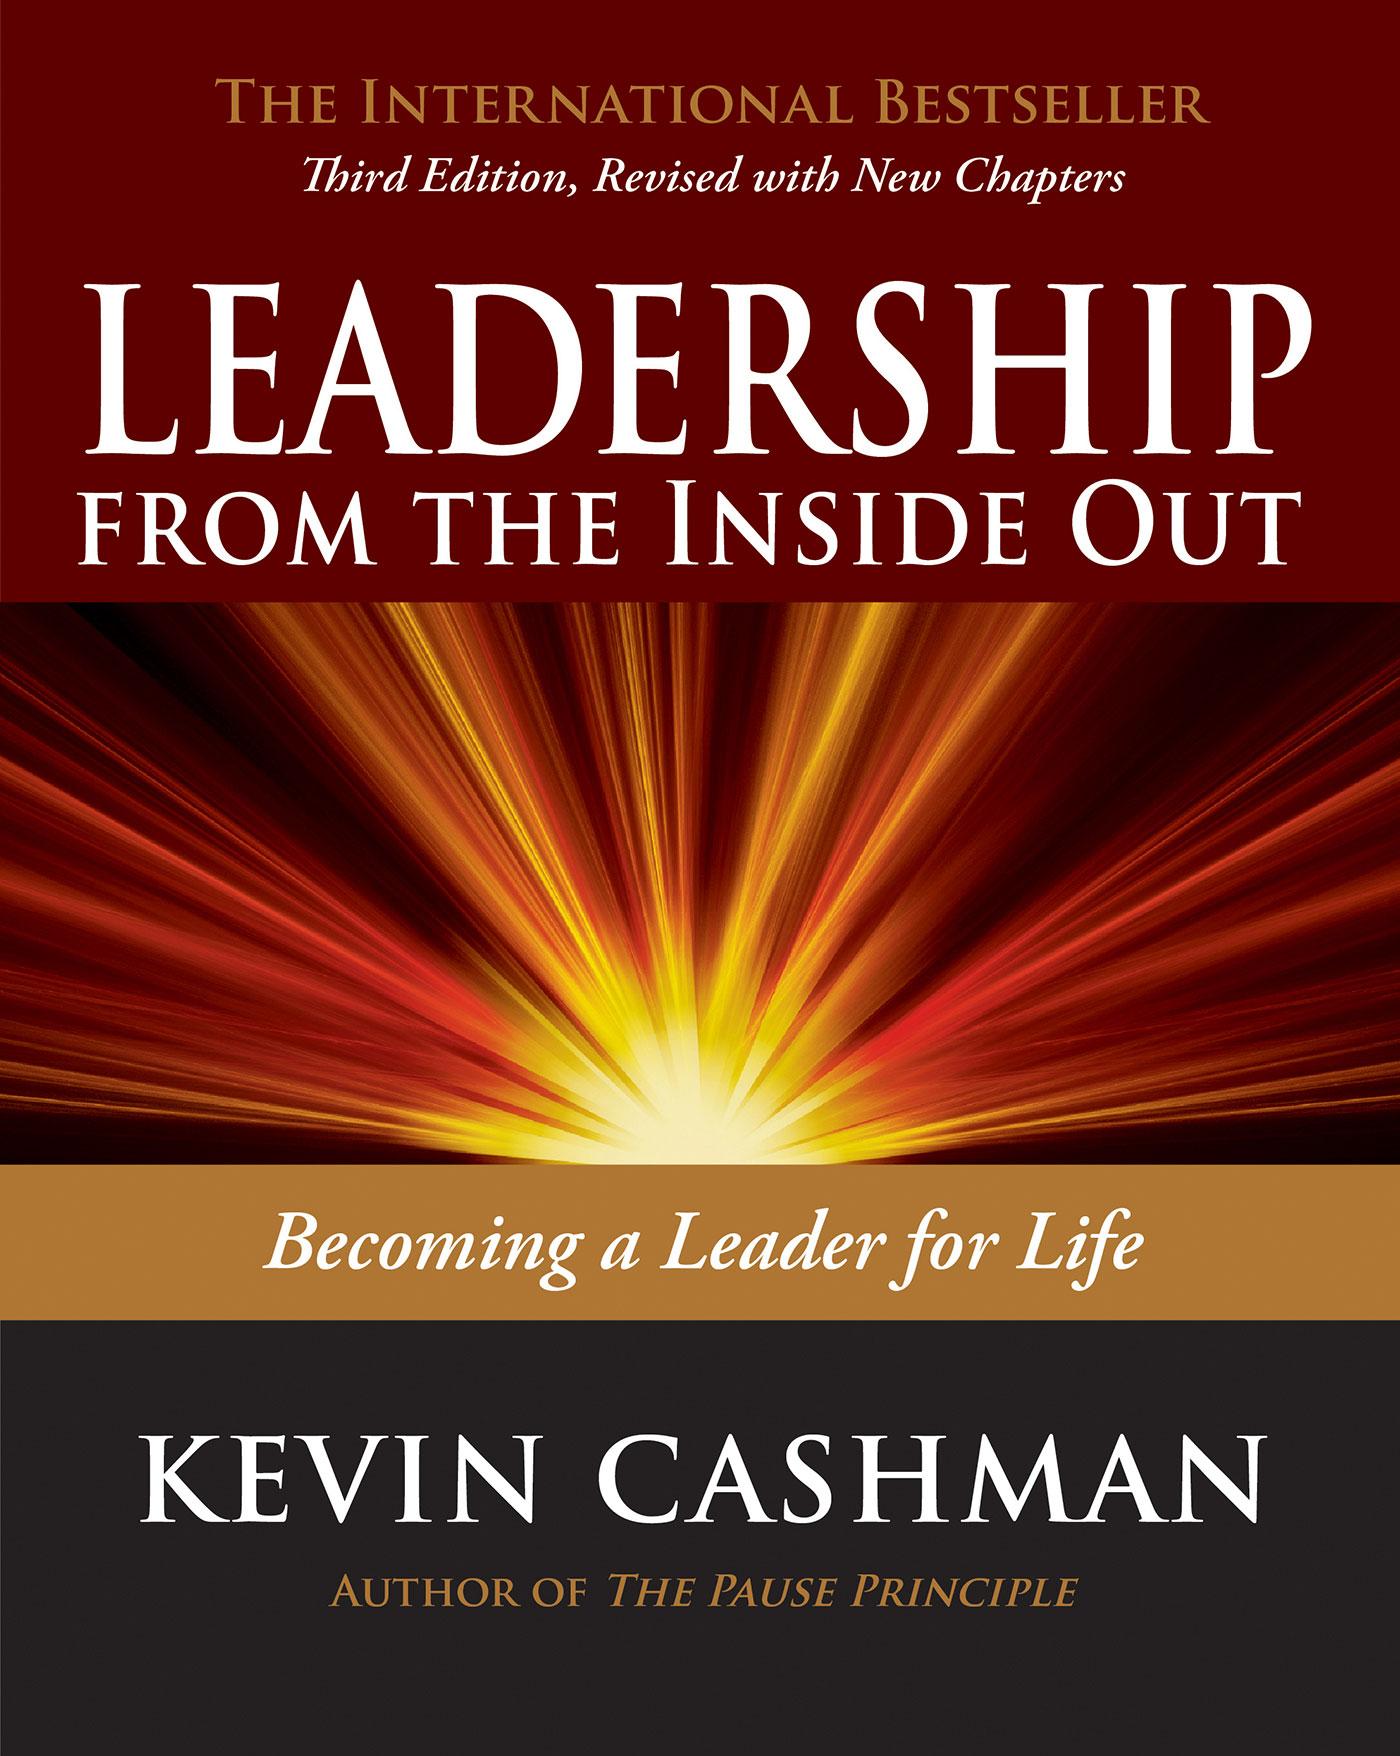 leadershipfromtheinside_cover.jpg